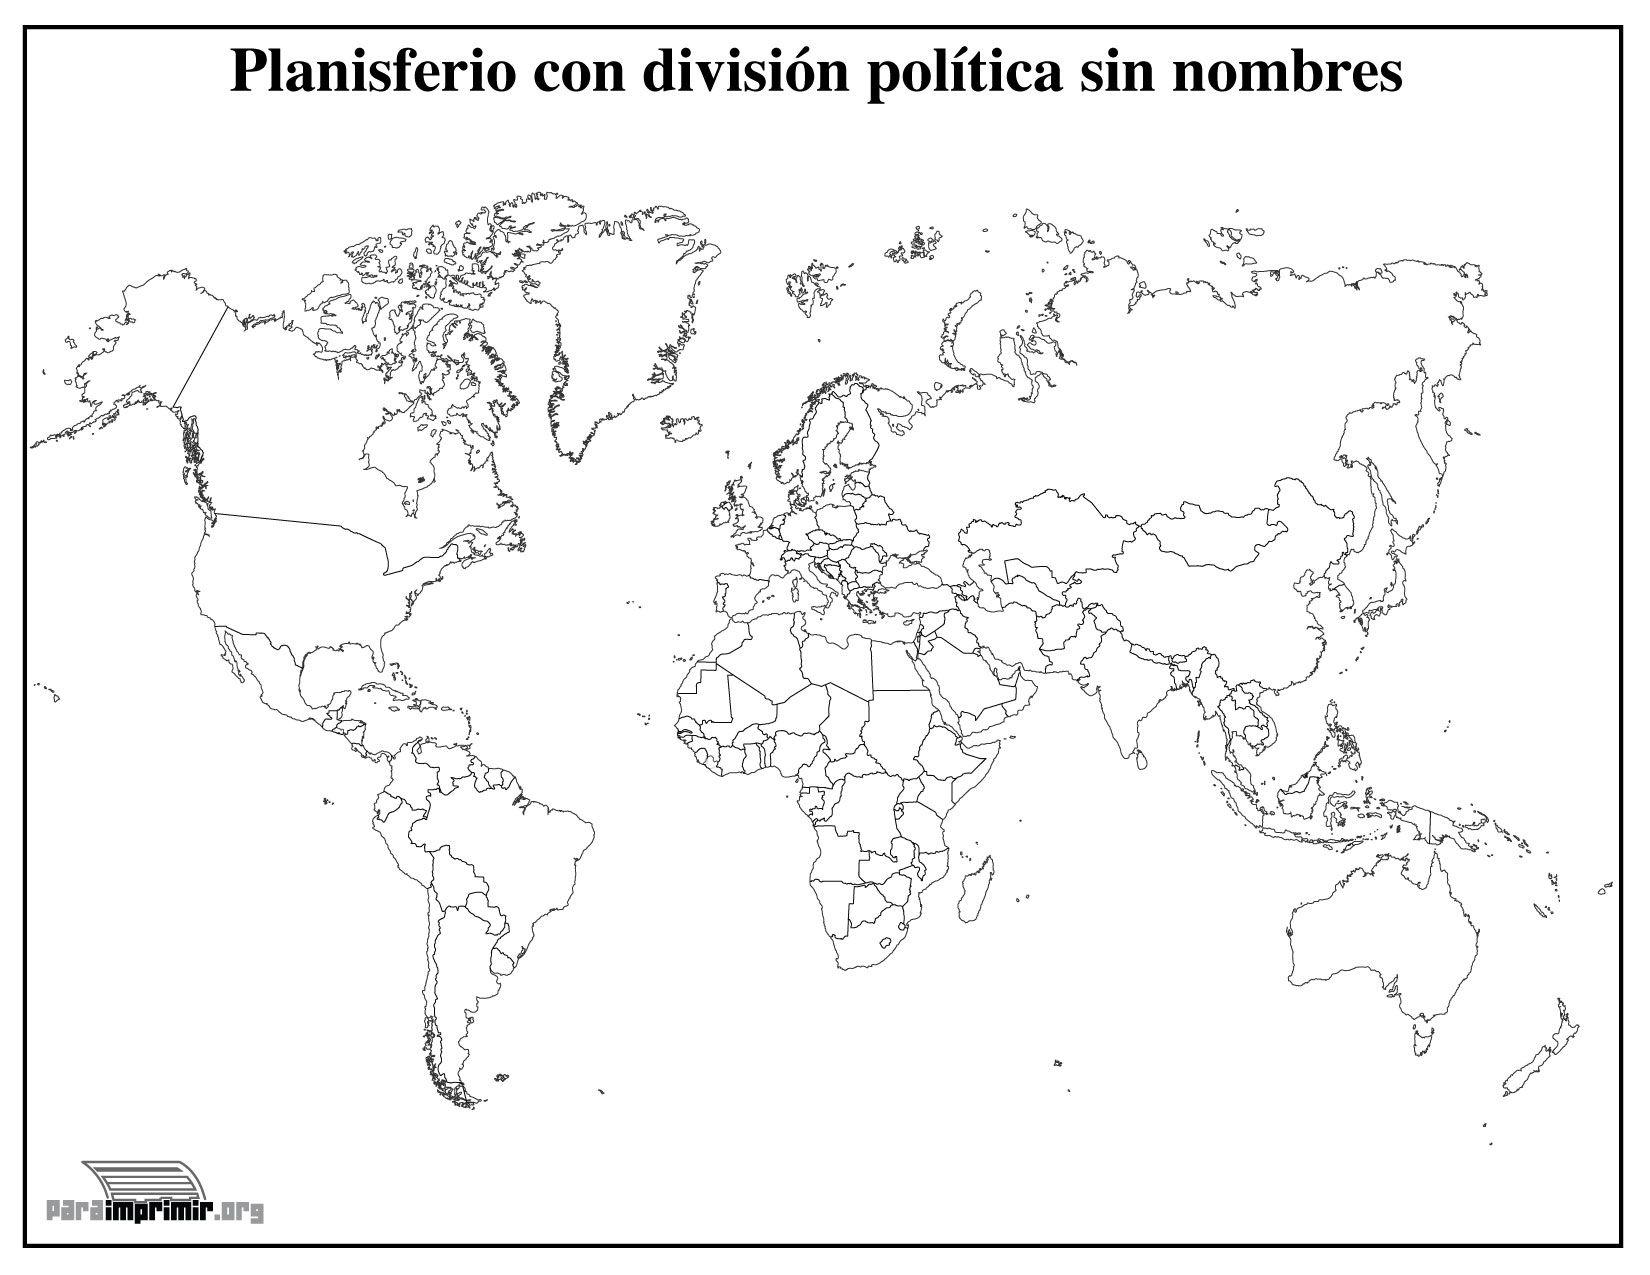 Mapamundi con división política sin nombres para imprimir | glosario ...